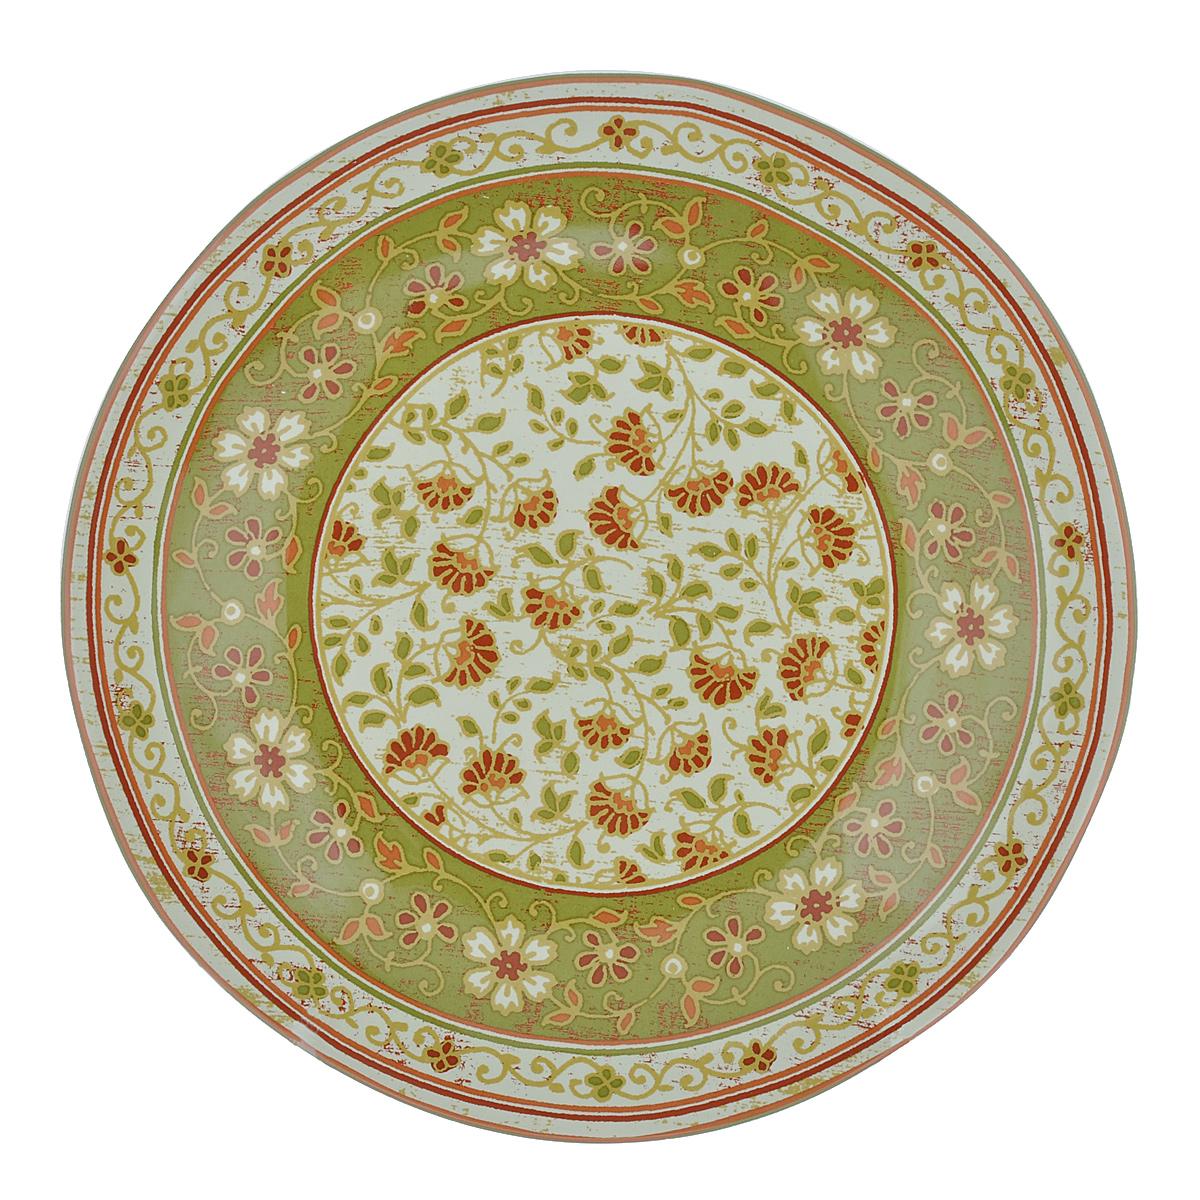 Тарелка десертная Utana Кашмир, диаметр 23,5 смUTG41810Тарелка десертная Utana Кашмир изготовлена из высококачественной керамики. Предназначена для красивой подачи различных блюд. Изделие декорировано цветочным принтом. Такая тарелка украсит сервировку стола и подчеркнет прекрасный вкус хозяйки. Можно мыть в посудомоечной машине и использовать в СВЧ. Диаметр: 23,5 см. Высота: 2,5 см.